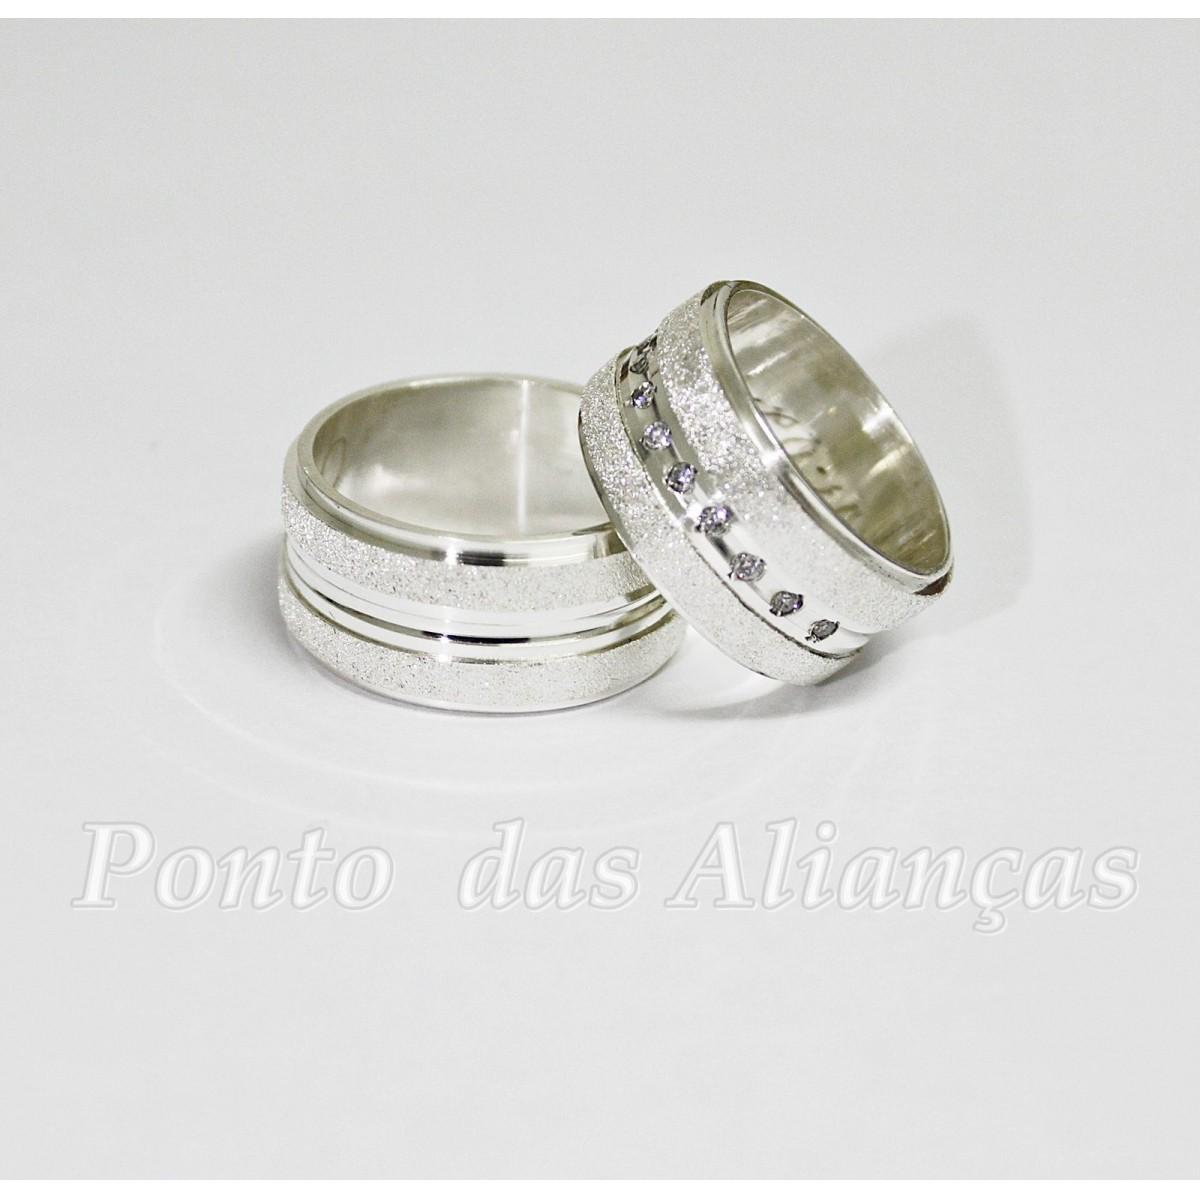 Alianças de Prata Compromisso - 3095